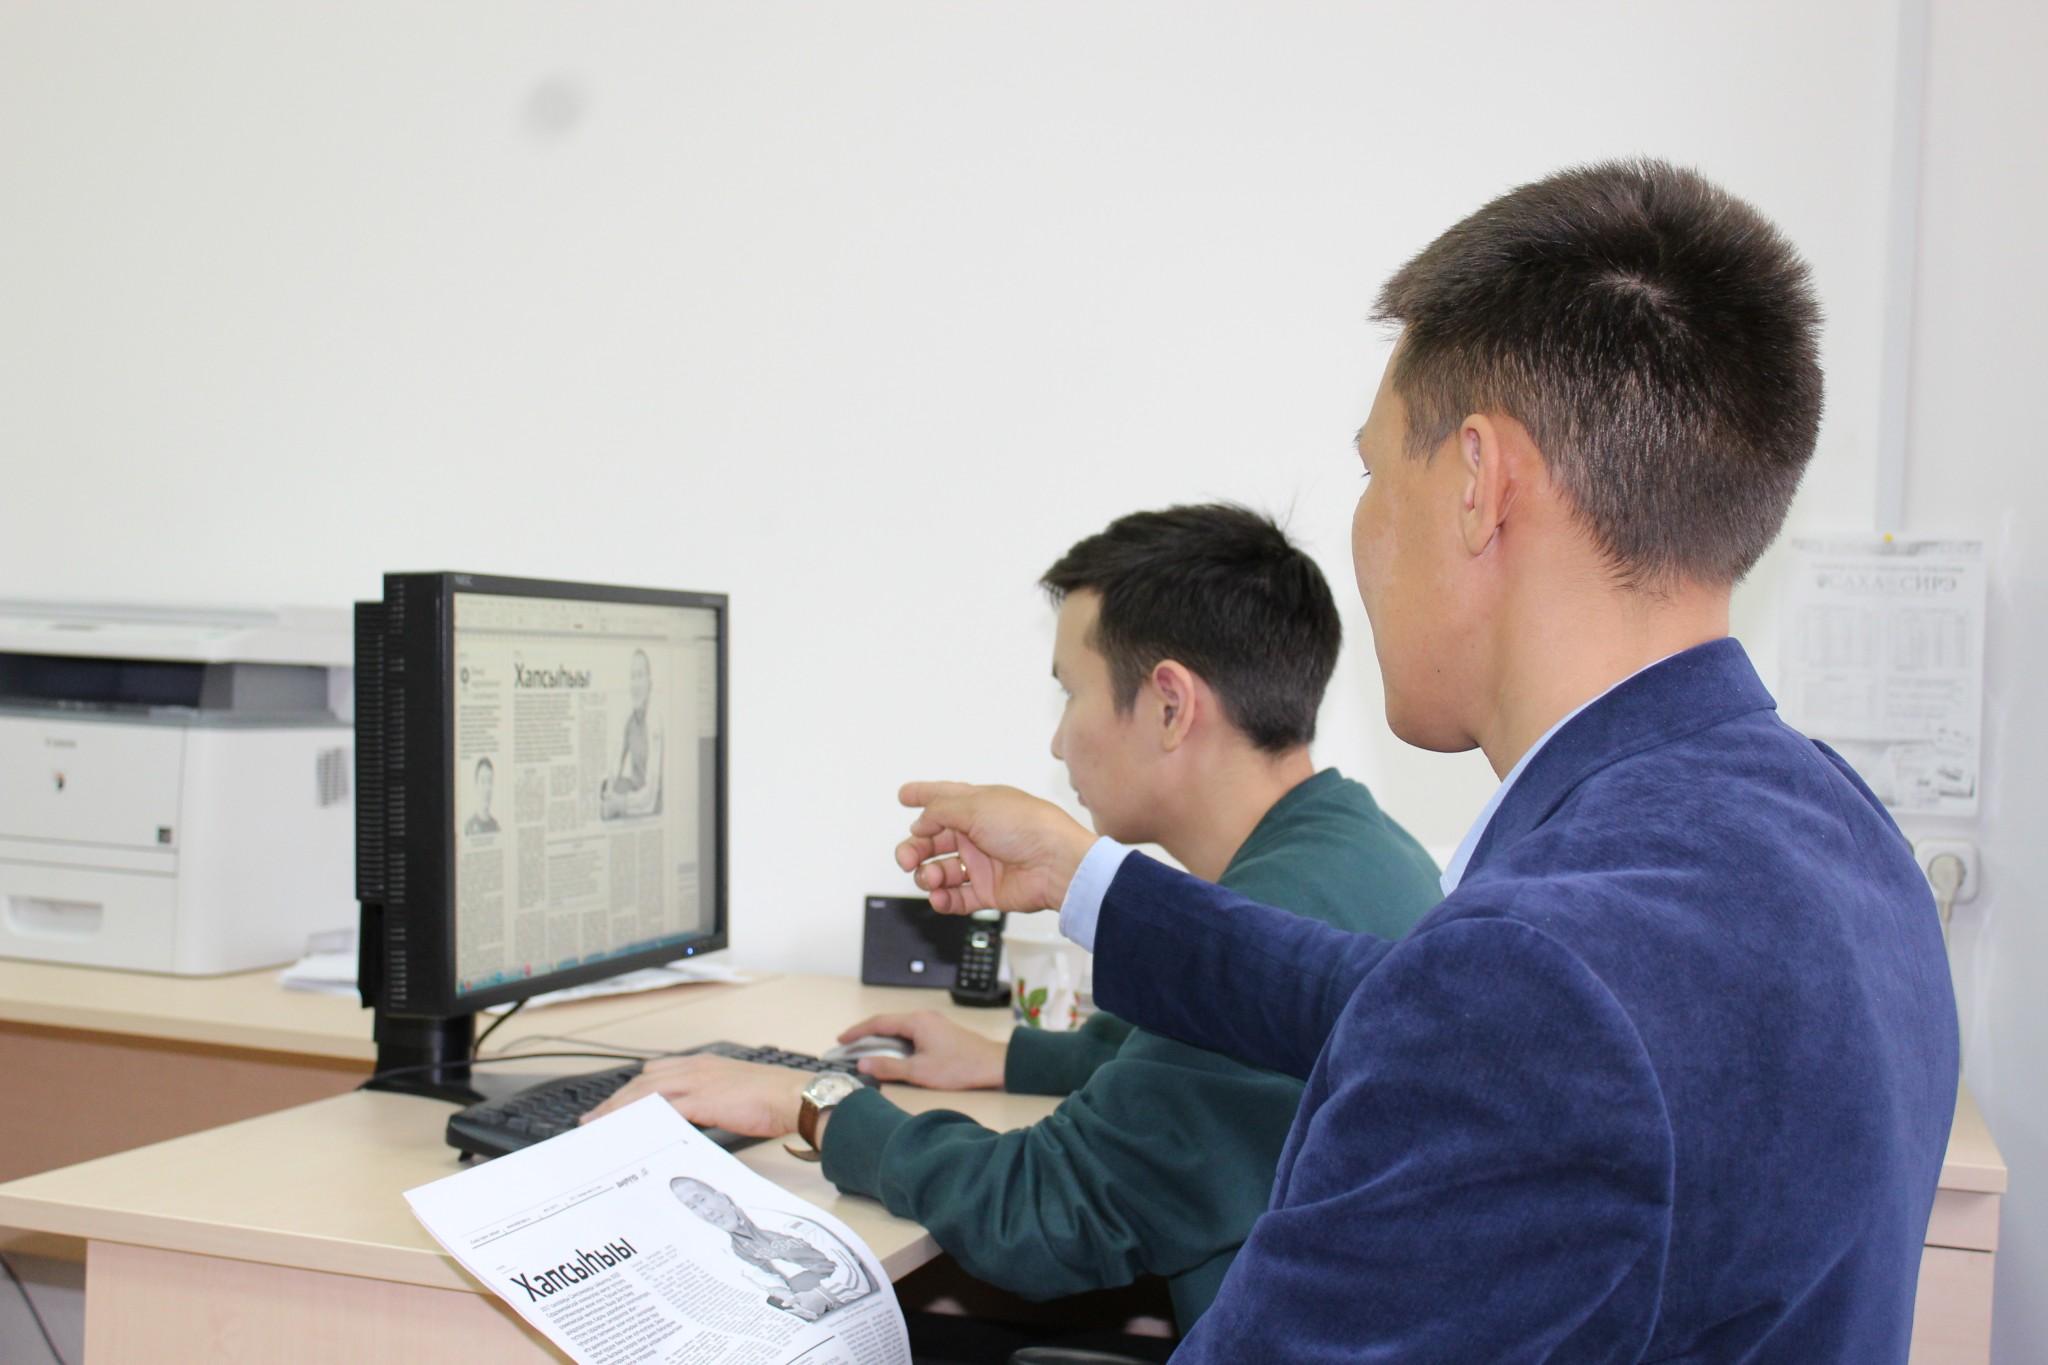 Фоторепортаж: Как газеты «Саха сирэ» и «Якутия» доставляют в улусы республики